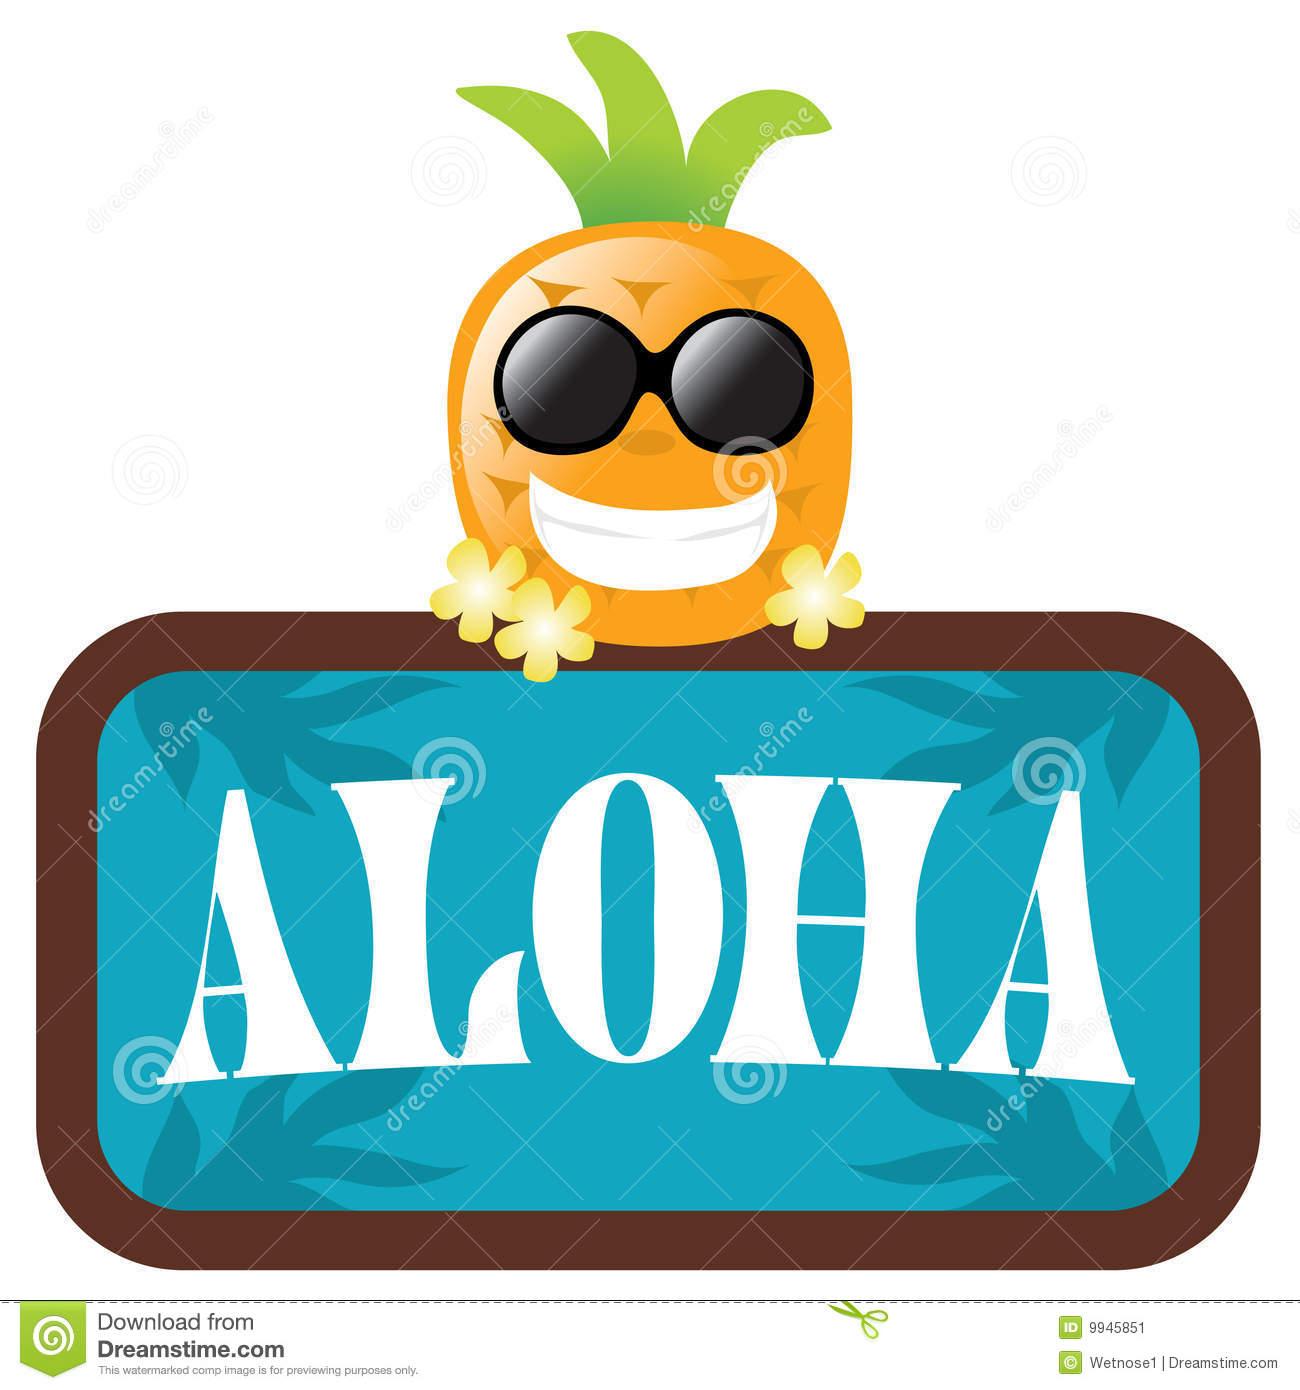 Aloha Sign Stock Image .